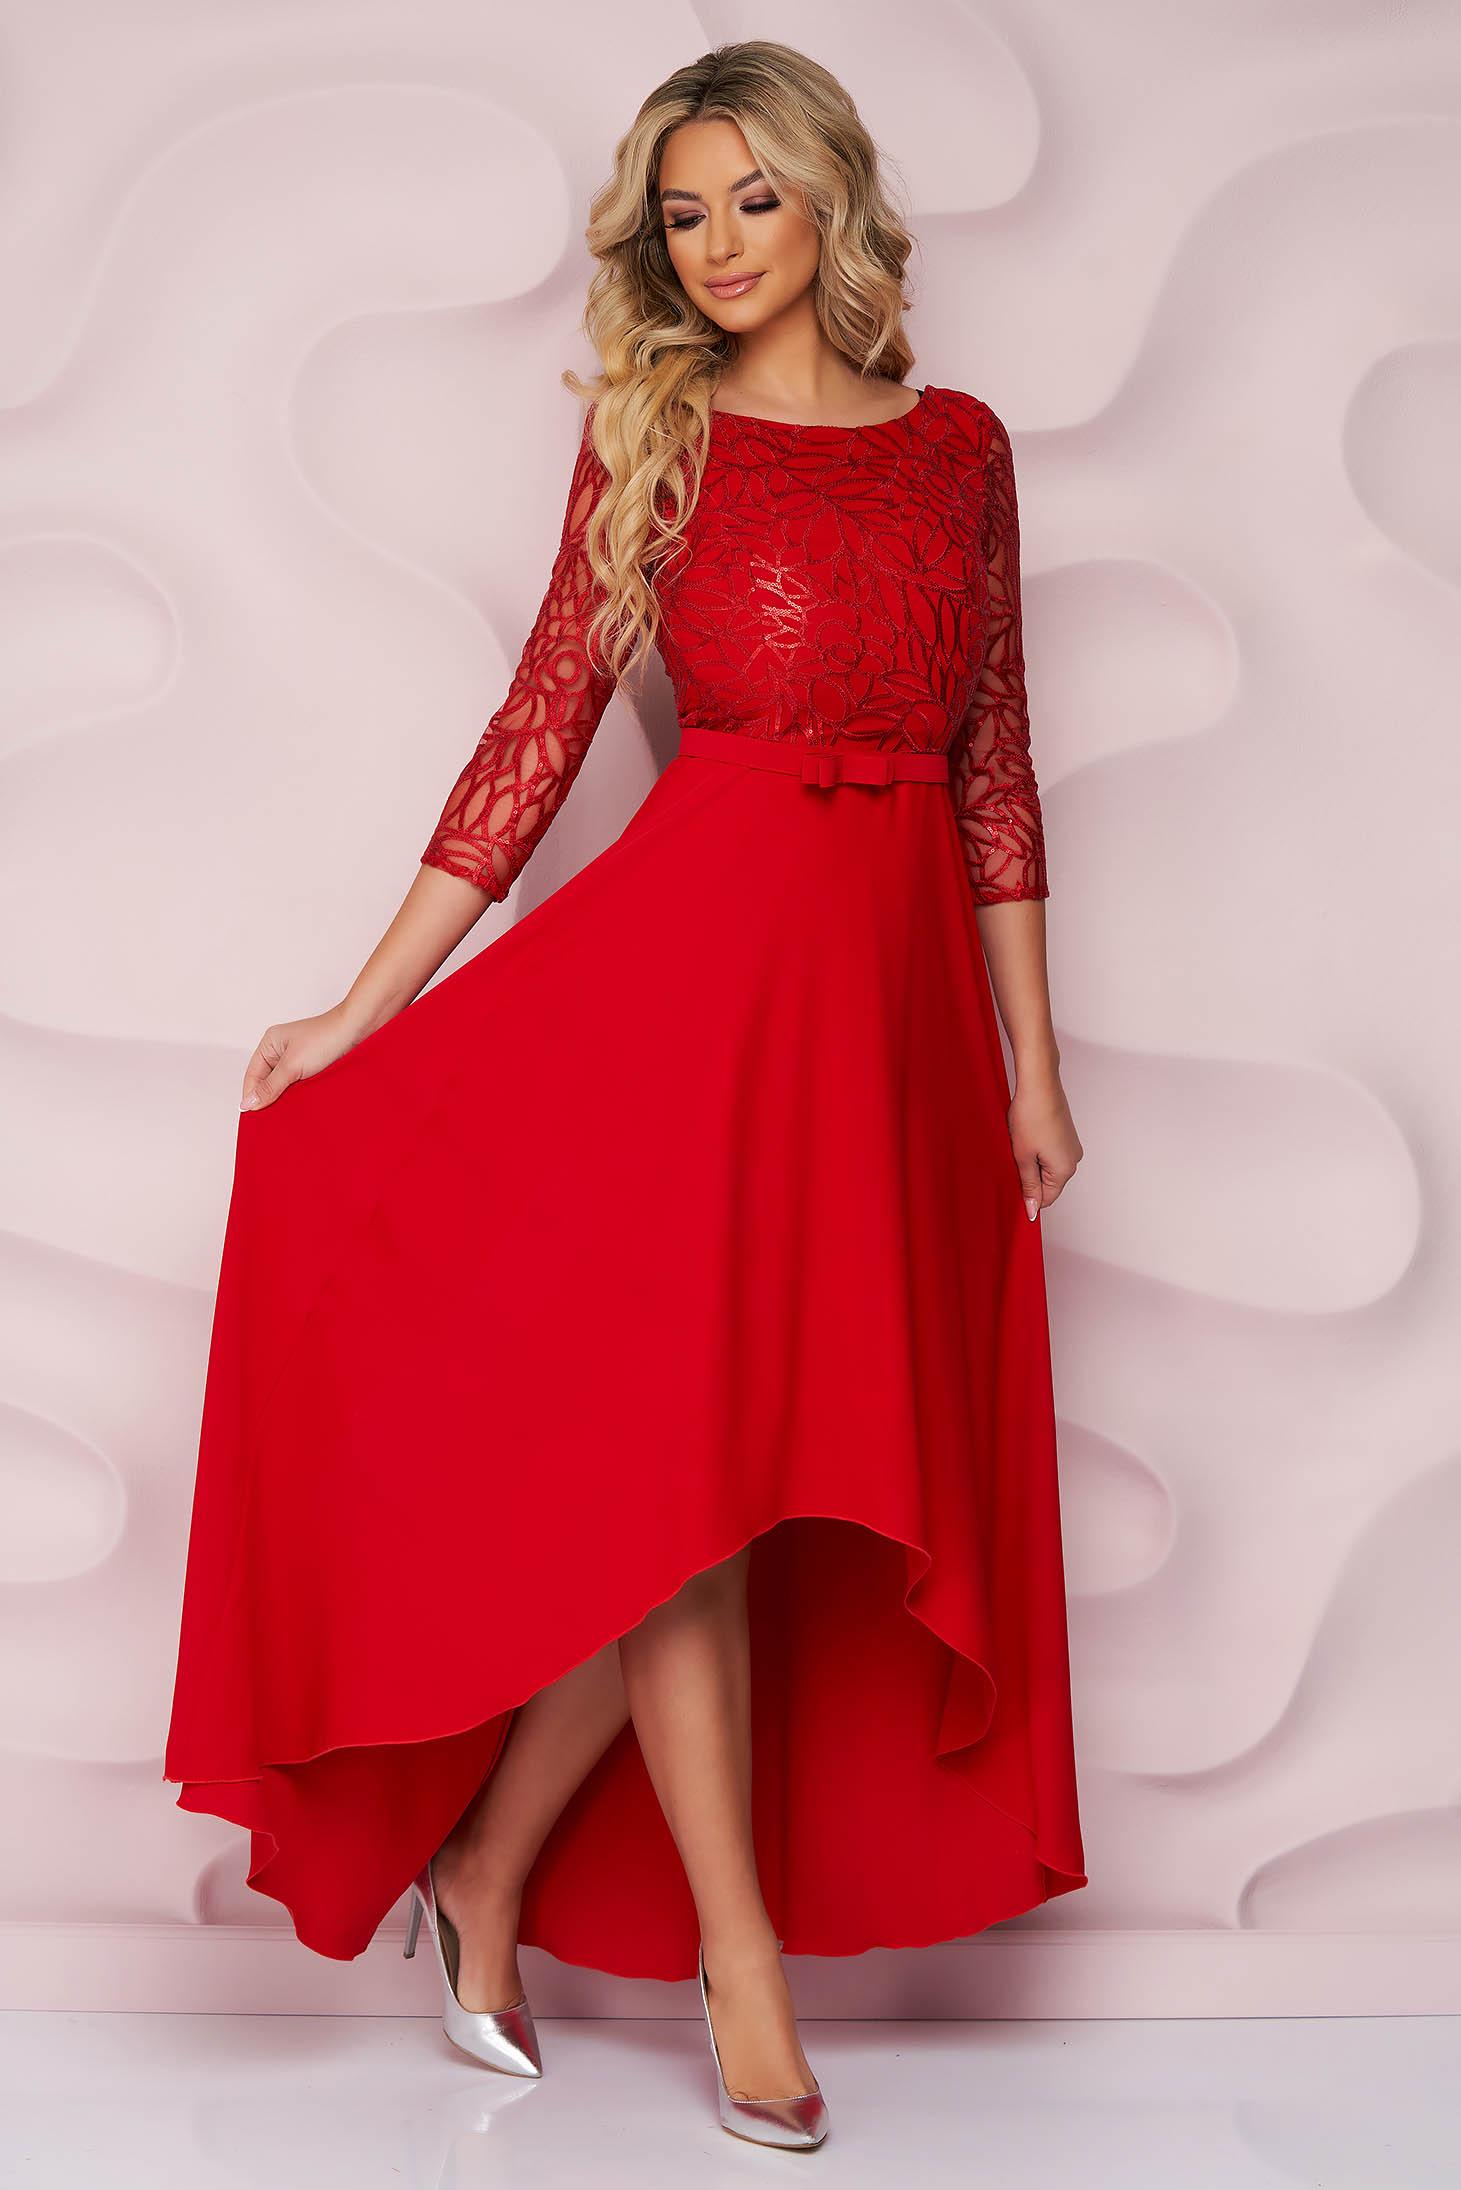 Piros alkalmi StarShinerS harang ruha aszimetrikus merevitett anyagból csipke díszítéssel és eltávolítható övvel